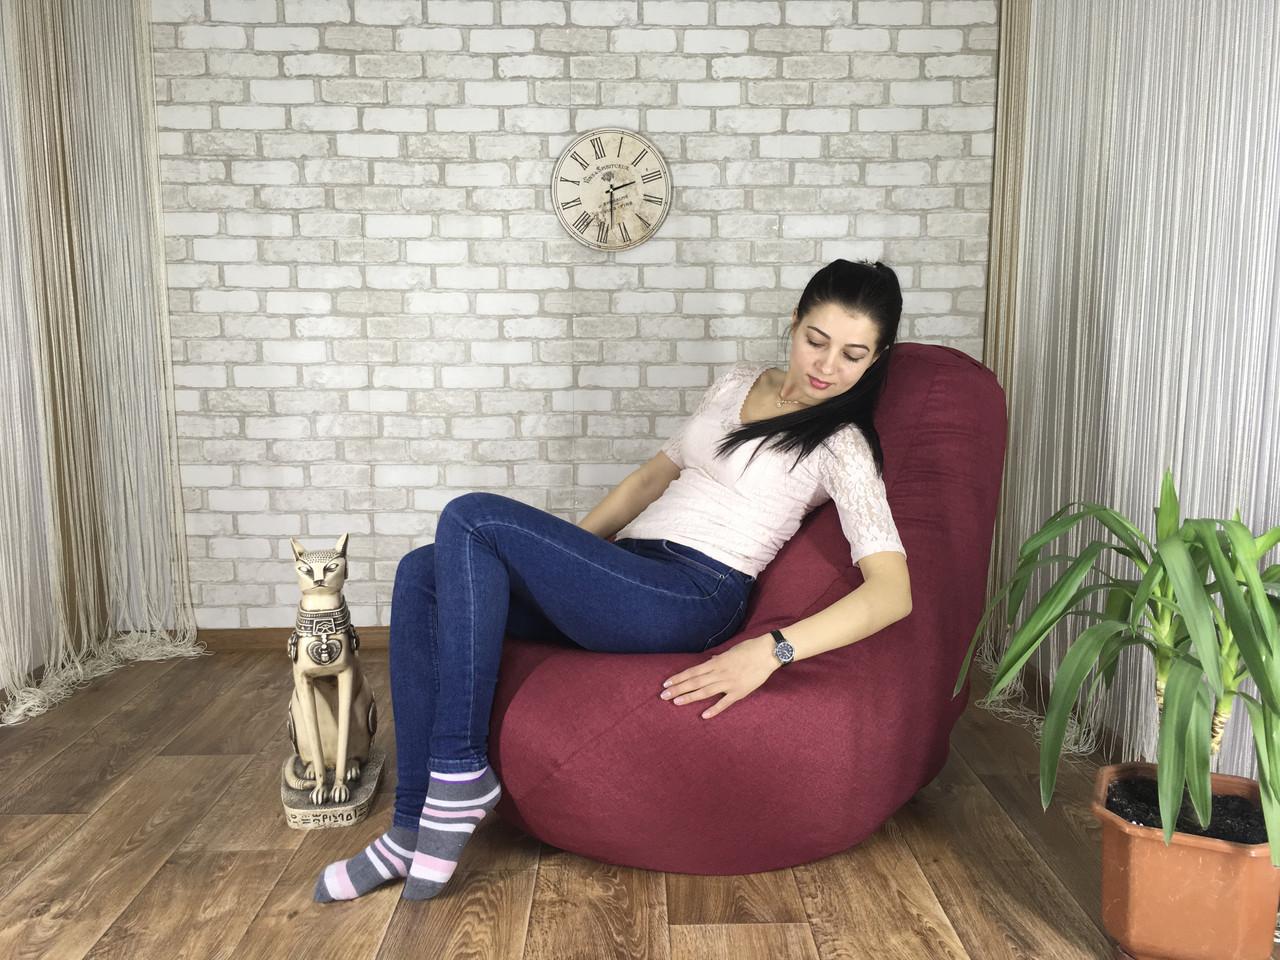 Кресло Мешок, бескаркасное кресло Груша ХХЛ, микро рогожка бордо